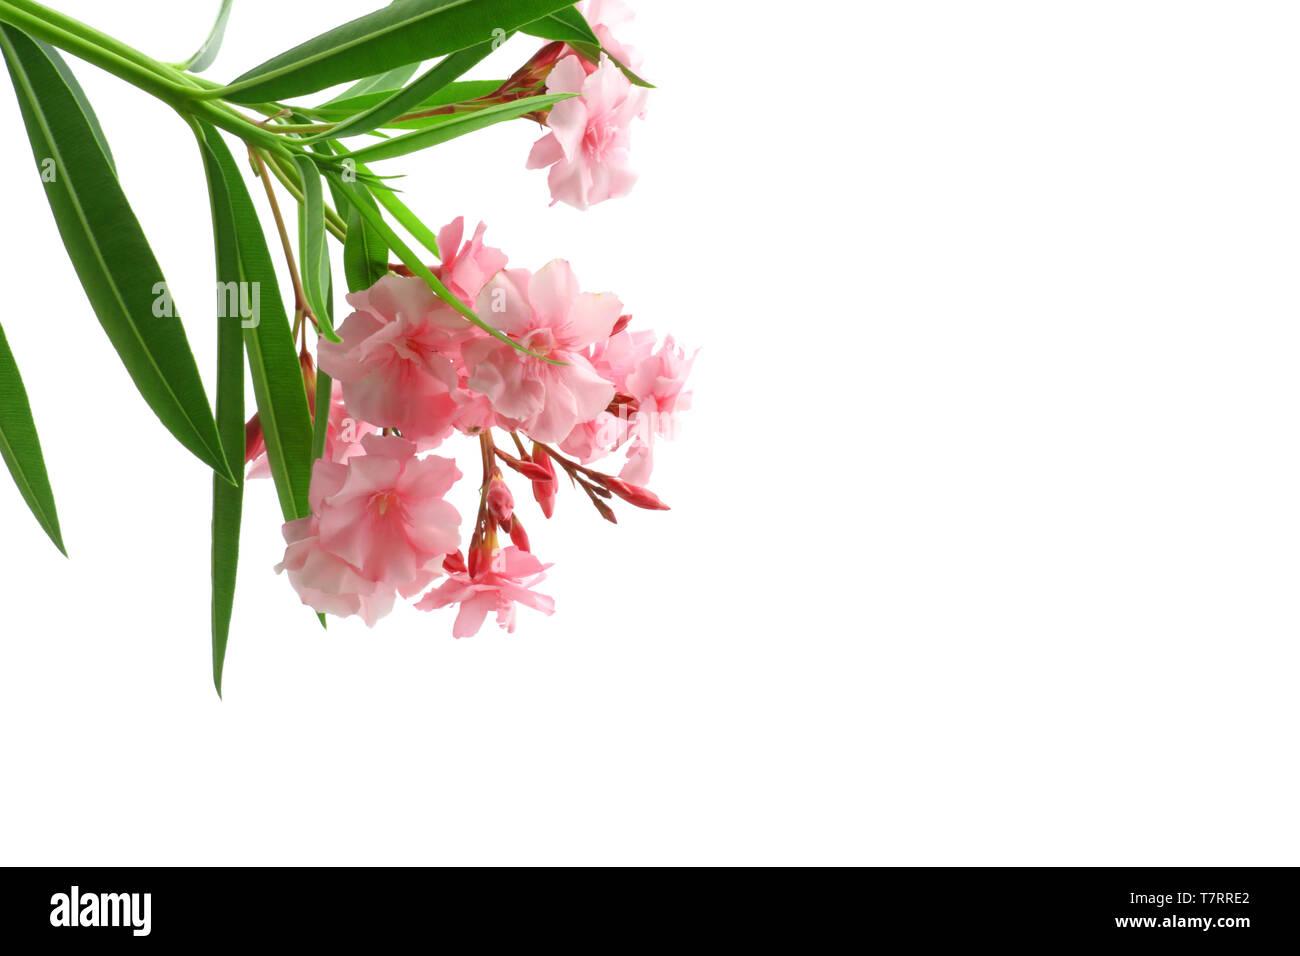 Oleandro Rosa Fiori Foglie Verde isolato sfondo bianco 255 Immagini Stock